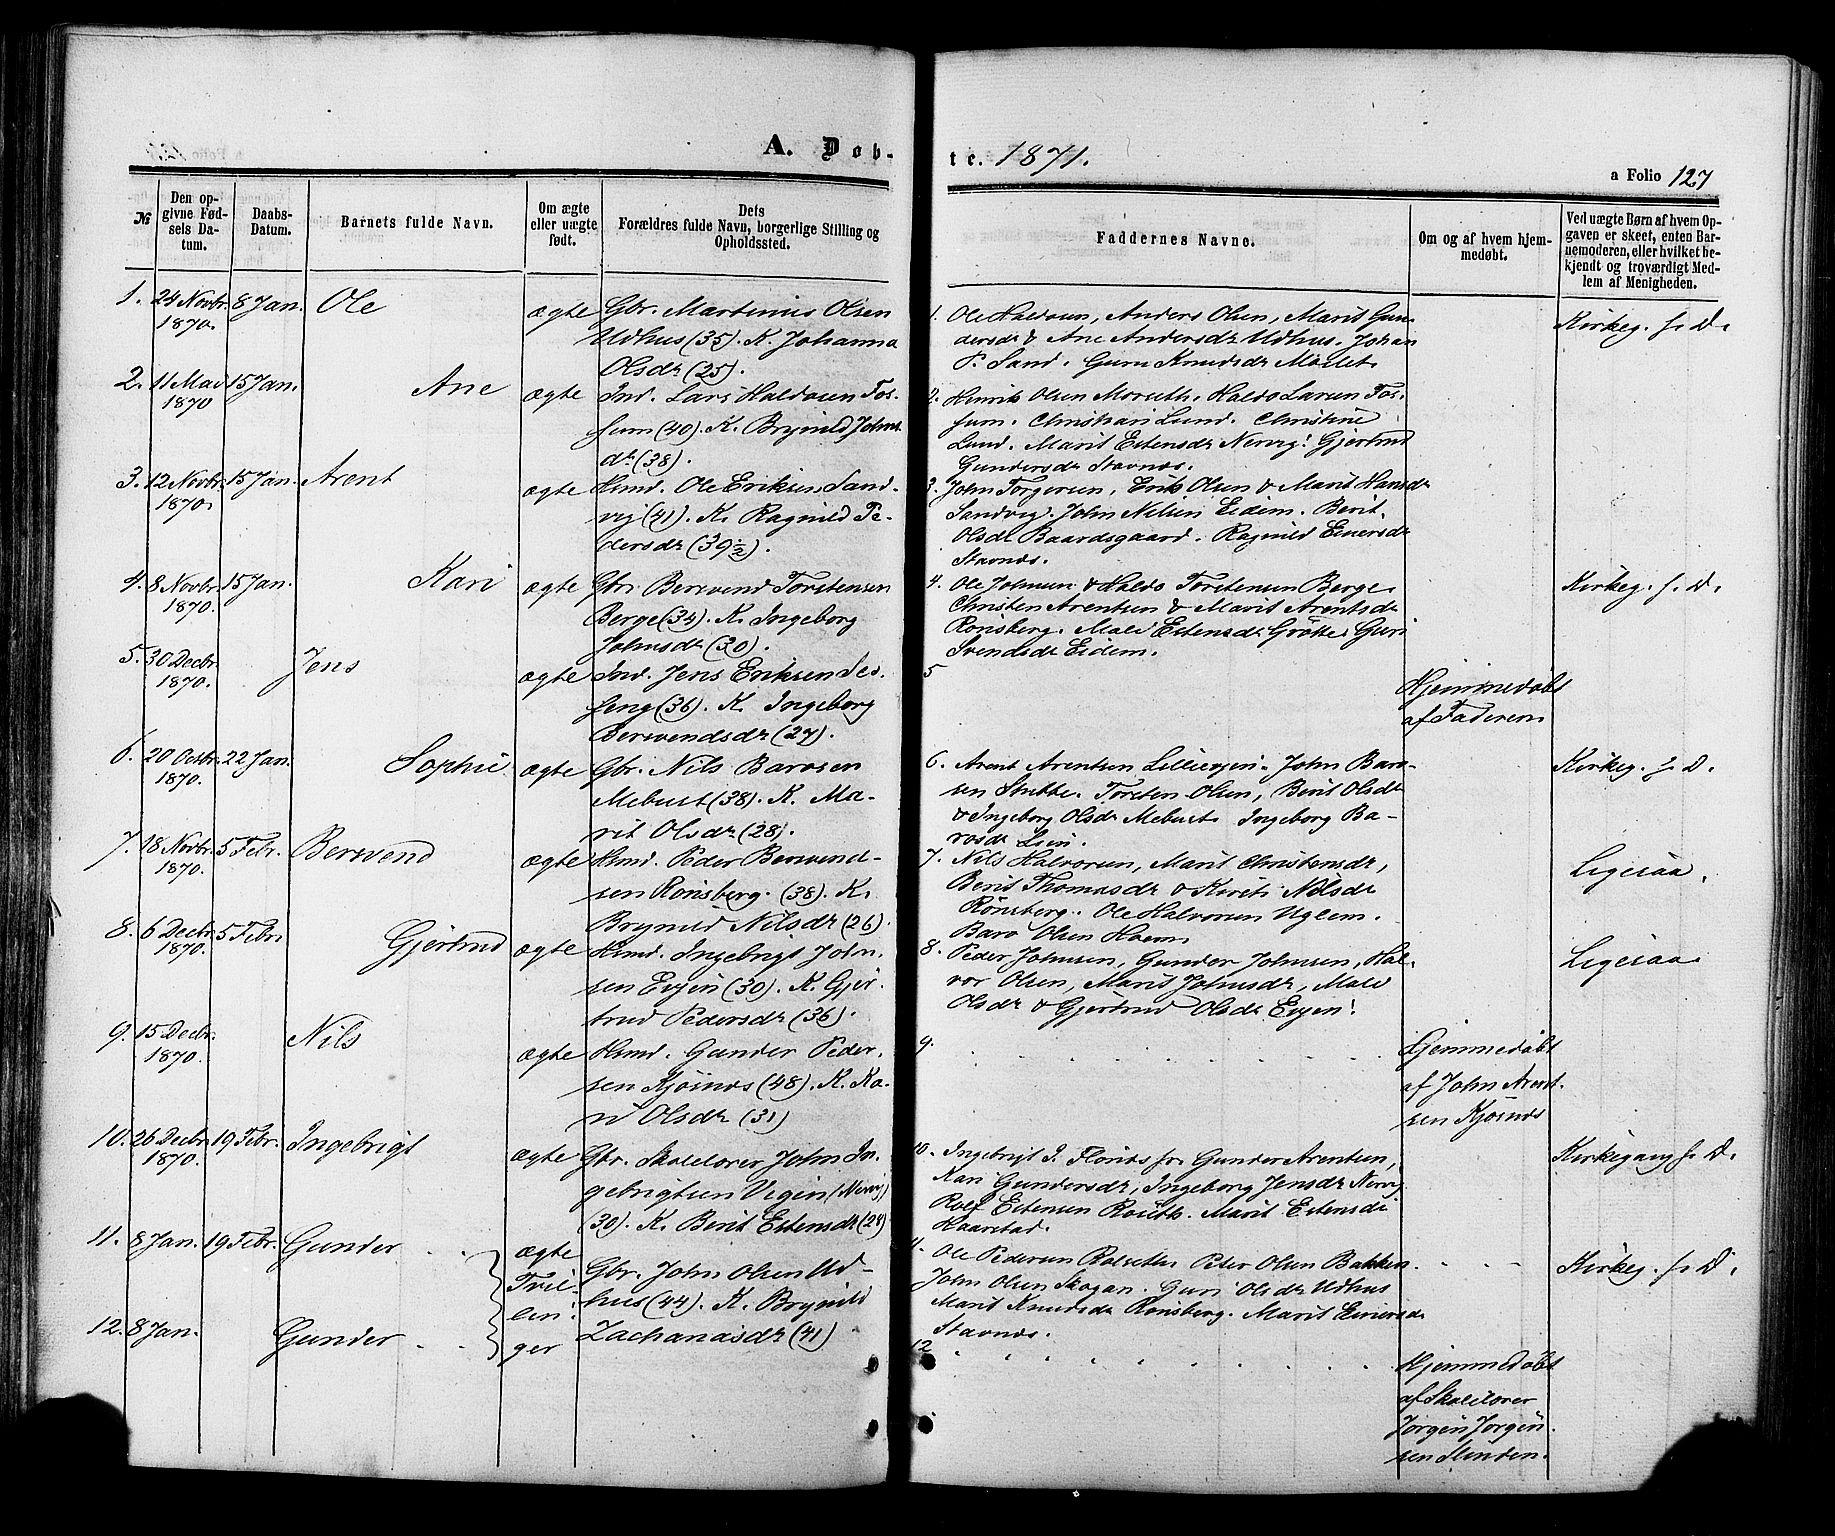 SAT, Ministerialprotokoller, klokkerbøker og fødselsregistre - Sør-Trøndelag, 695/L1147: Ministerialbok nr. 695A07, 1860-1877, s. 127